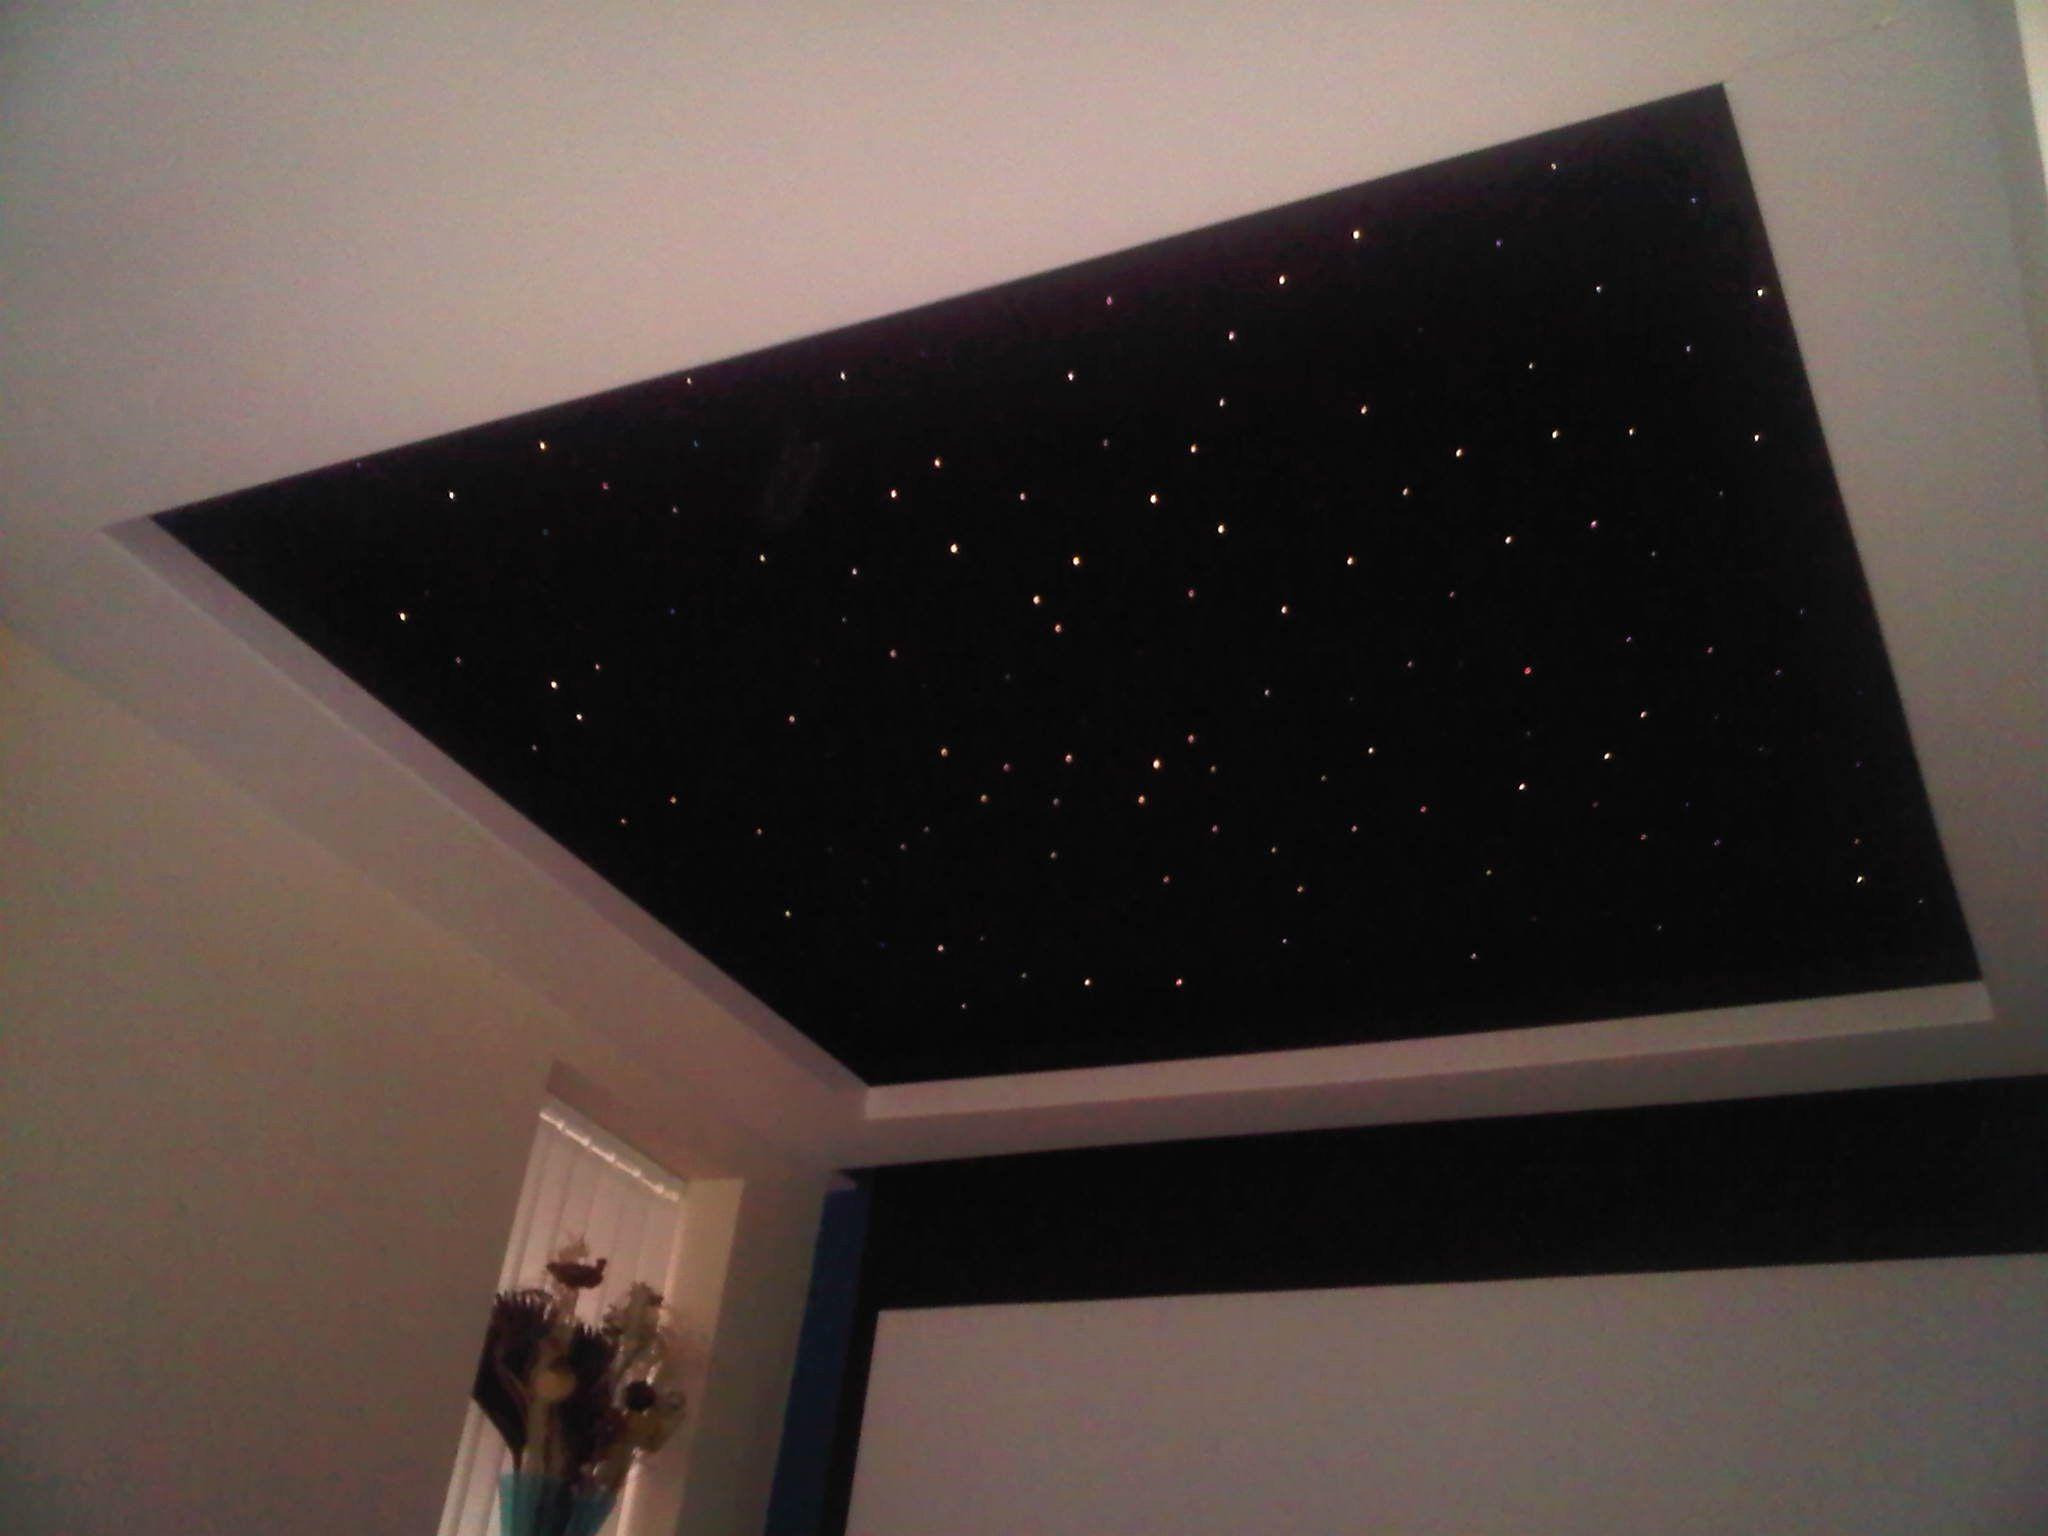 Fiber Optic Star Ceiling Lighting Kit